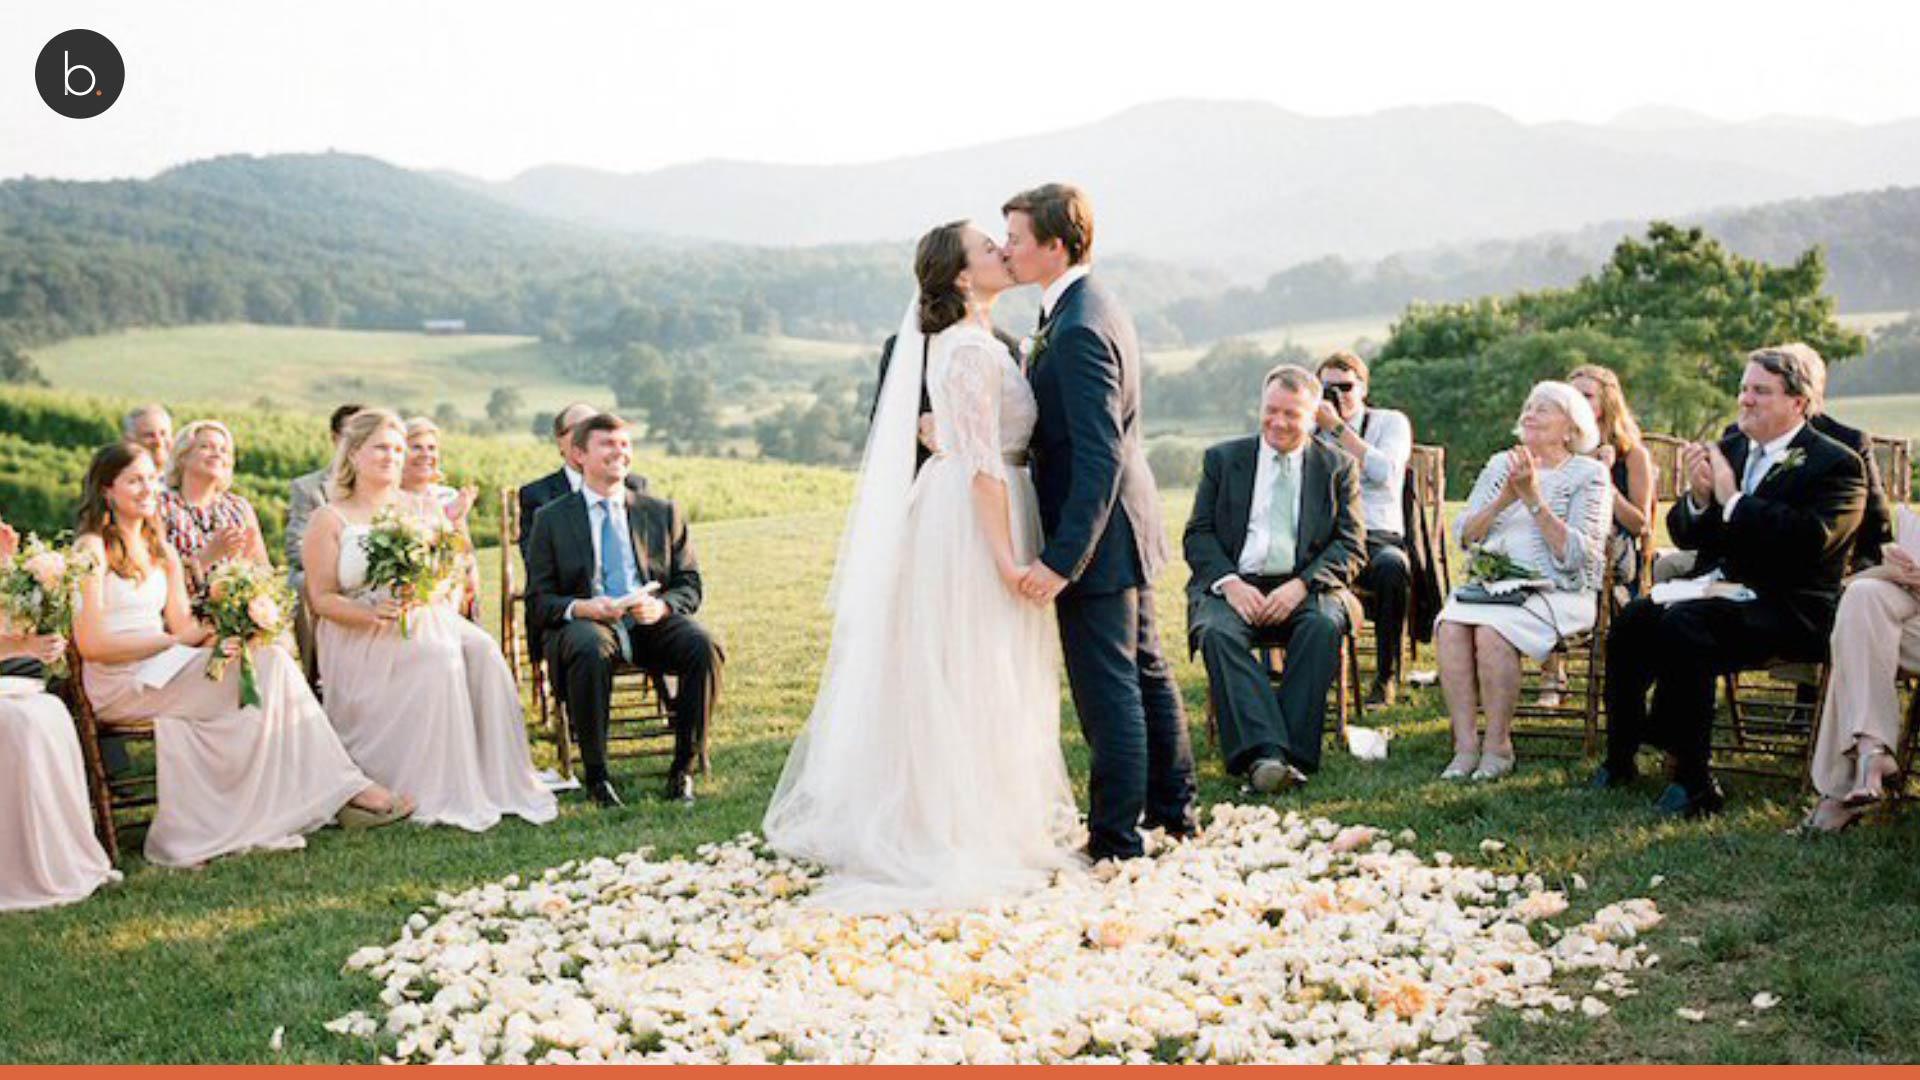 Vídeo: 8 alicerces que todo casamento precisa ter